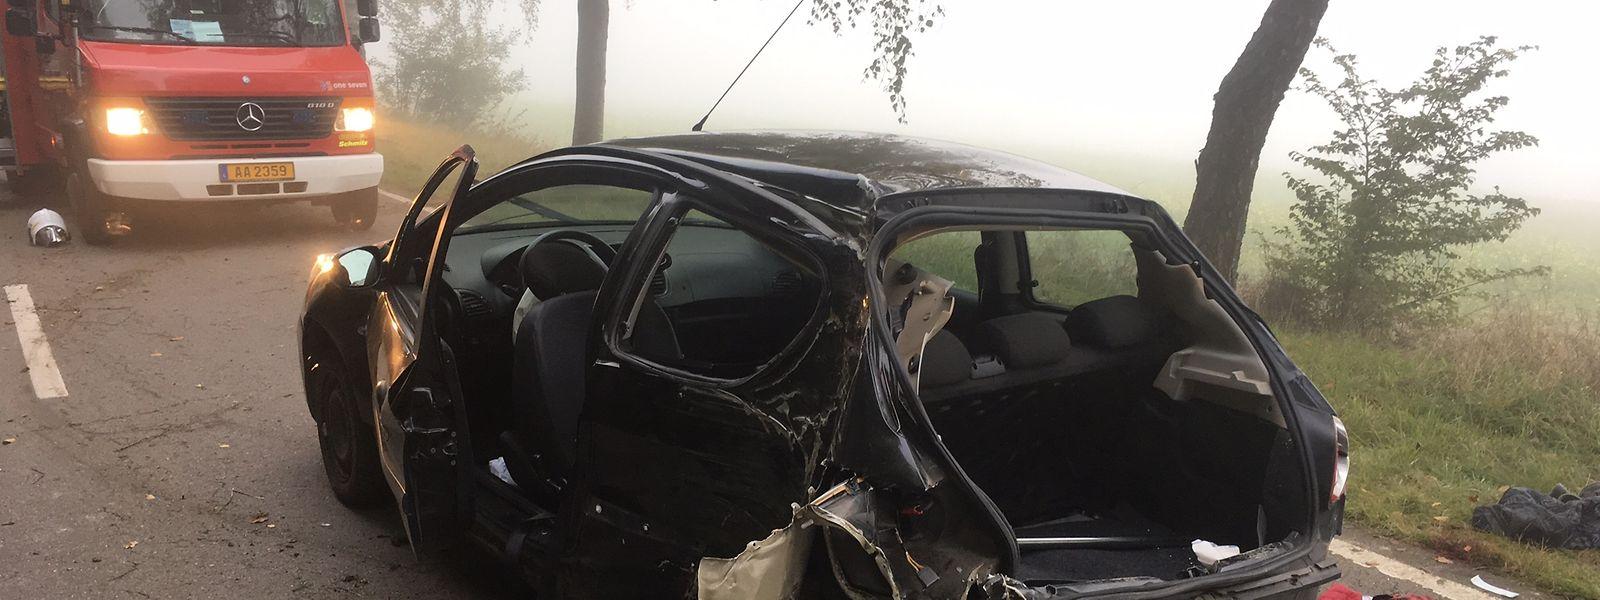 Drei Personen befanden sich im Wagen. Eine junge Frau kam beim Unfall ums Leben.